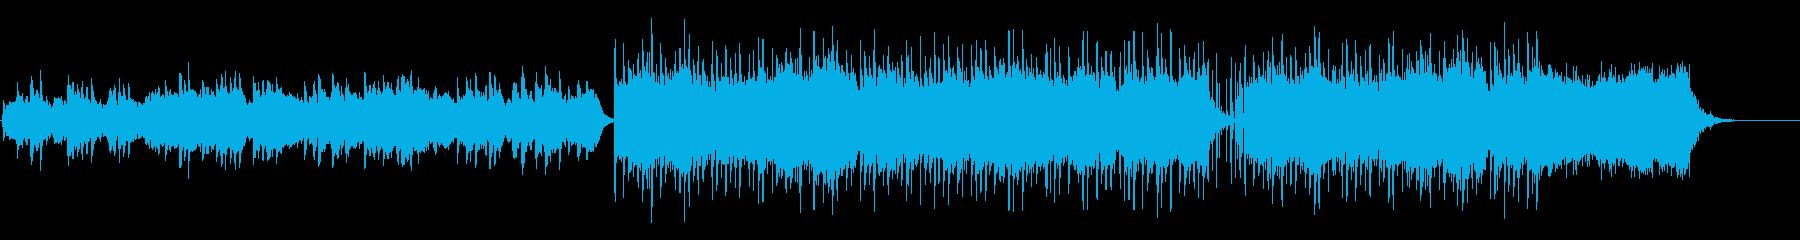 優しく爽やかなシンセ主体の曲の再生済みの波形